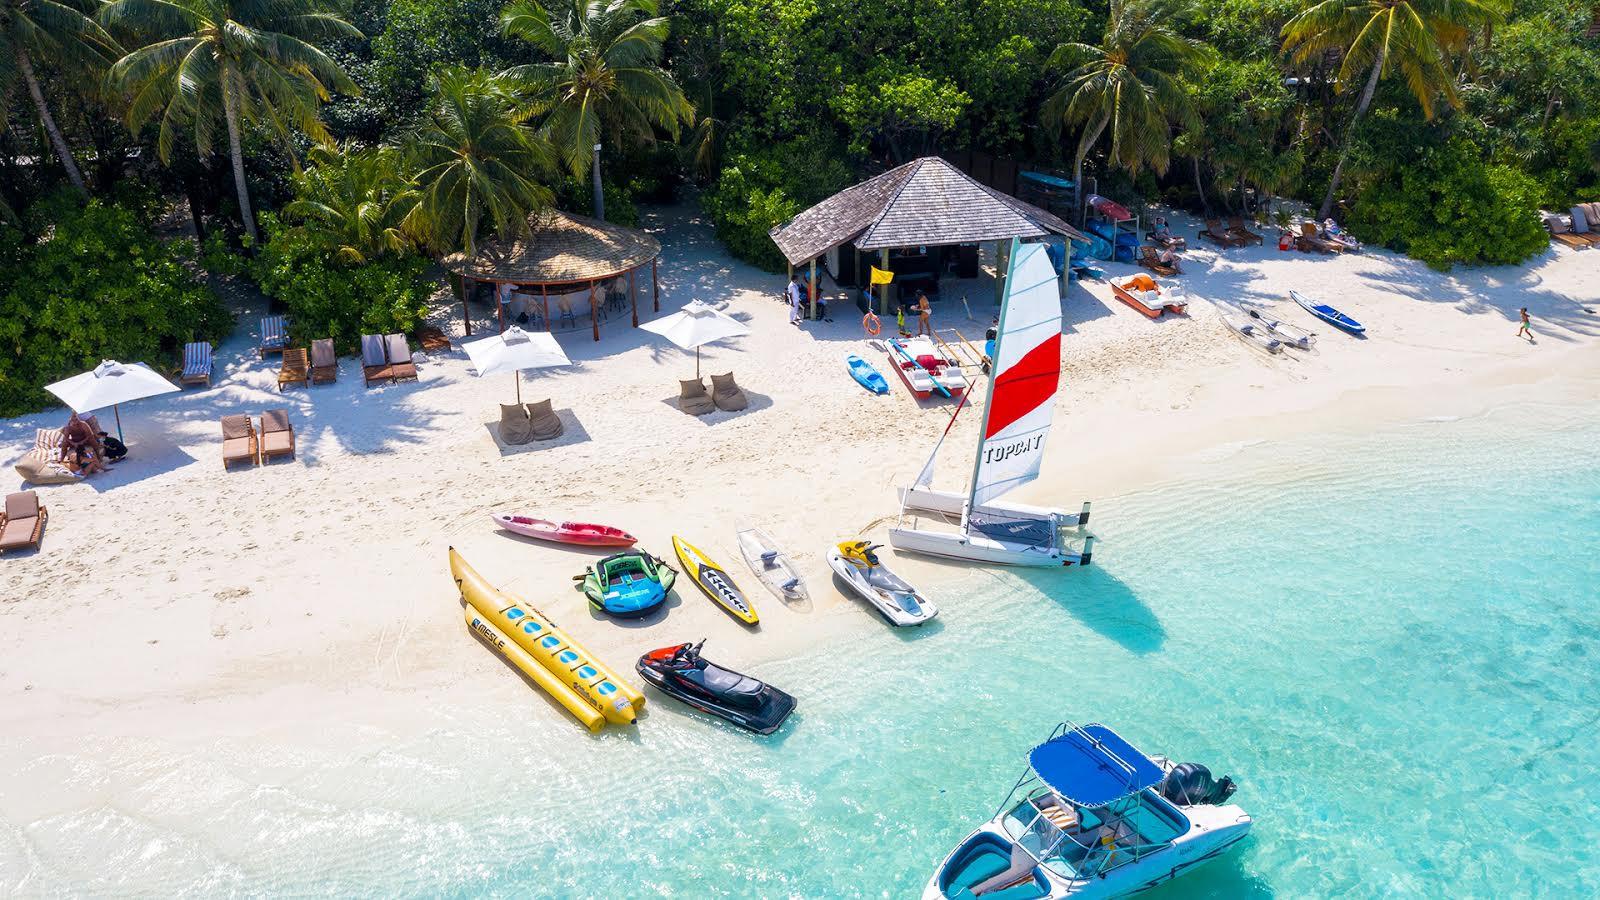 Все найкраще, що є на Мальдівах. Розкішний готель «all inclusive» Lily Beach Resort & Spa-Фото 1